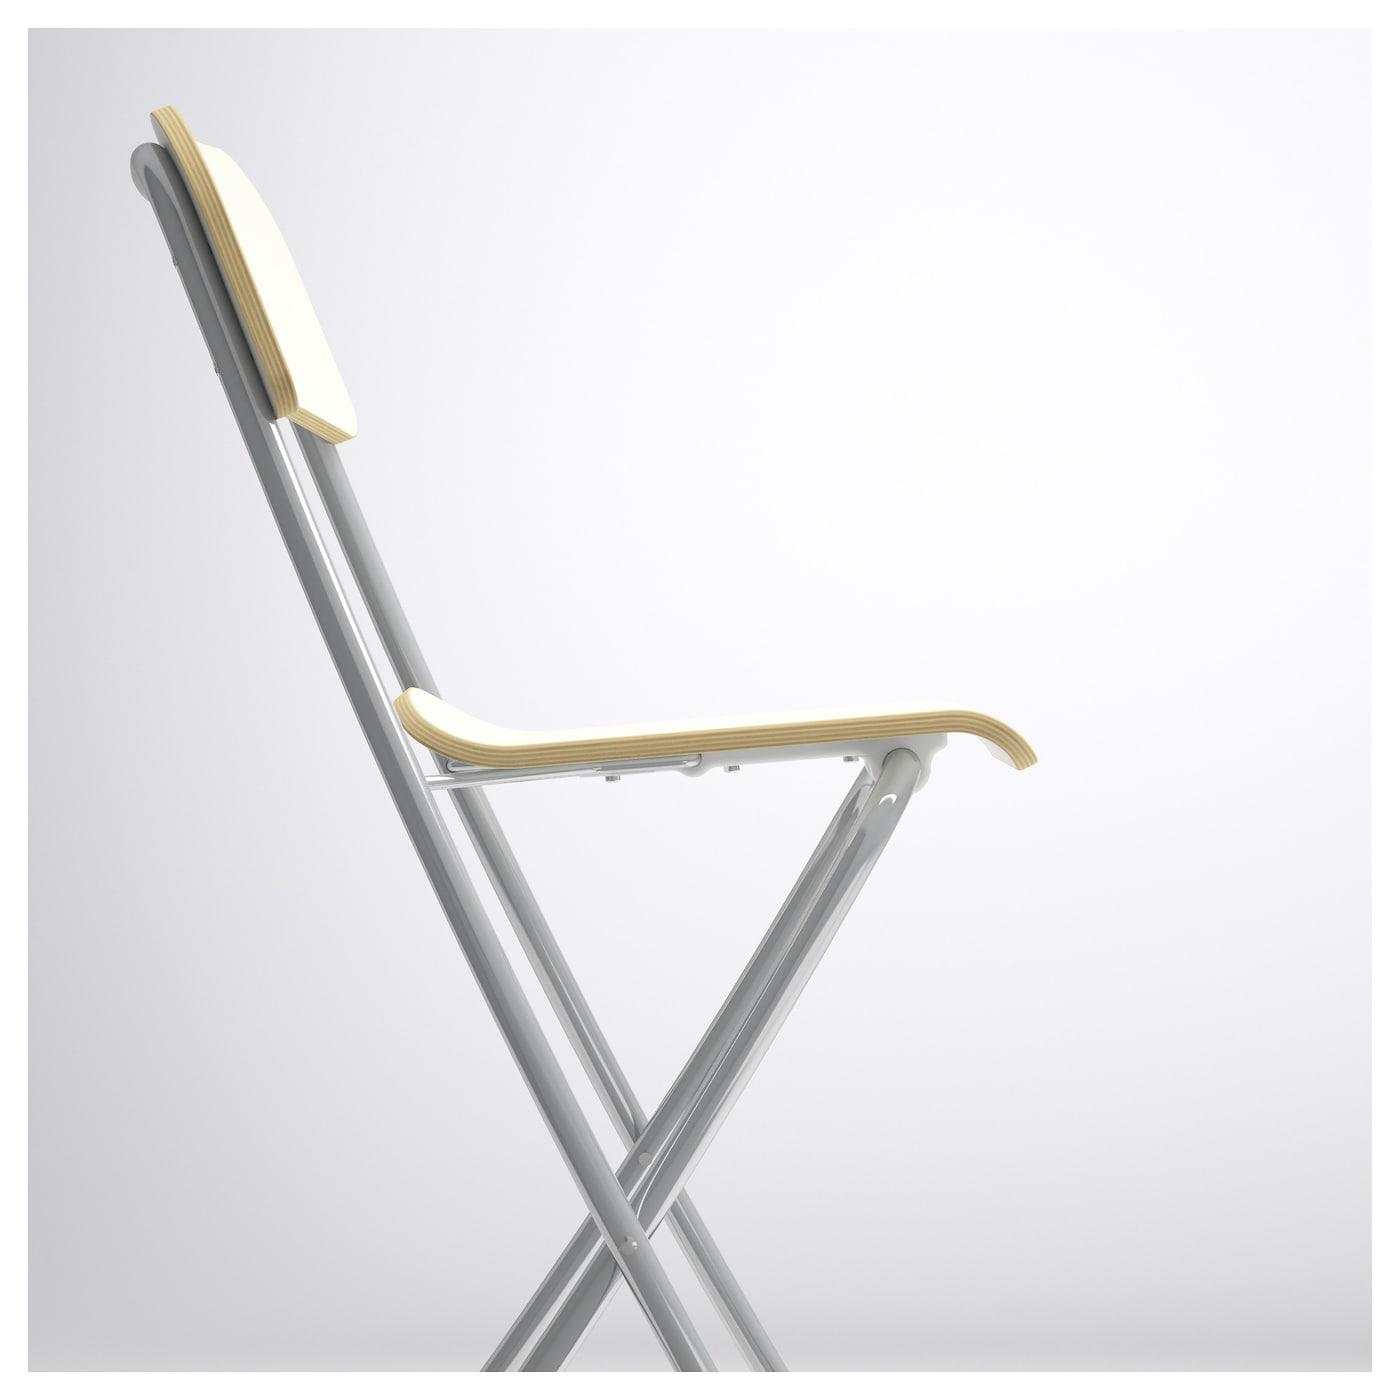 franklin tabouret de bar dossier pliant blanc couleur argent 63 cm ikea. Black Bedroom Furniture Sets. Home Design Ideas